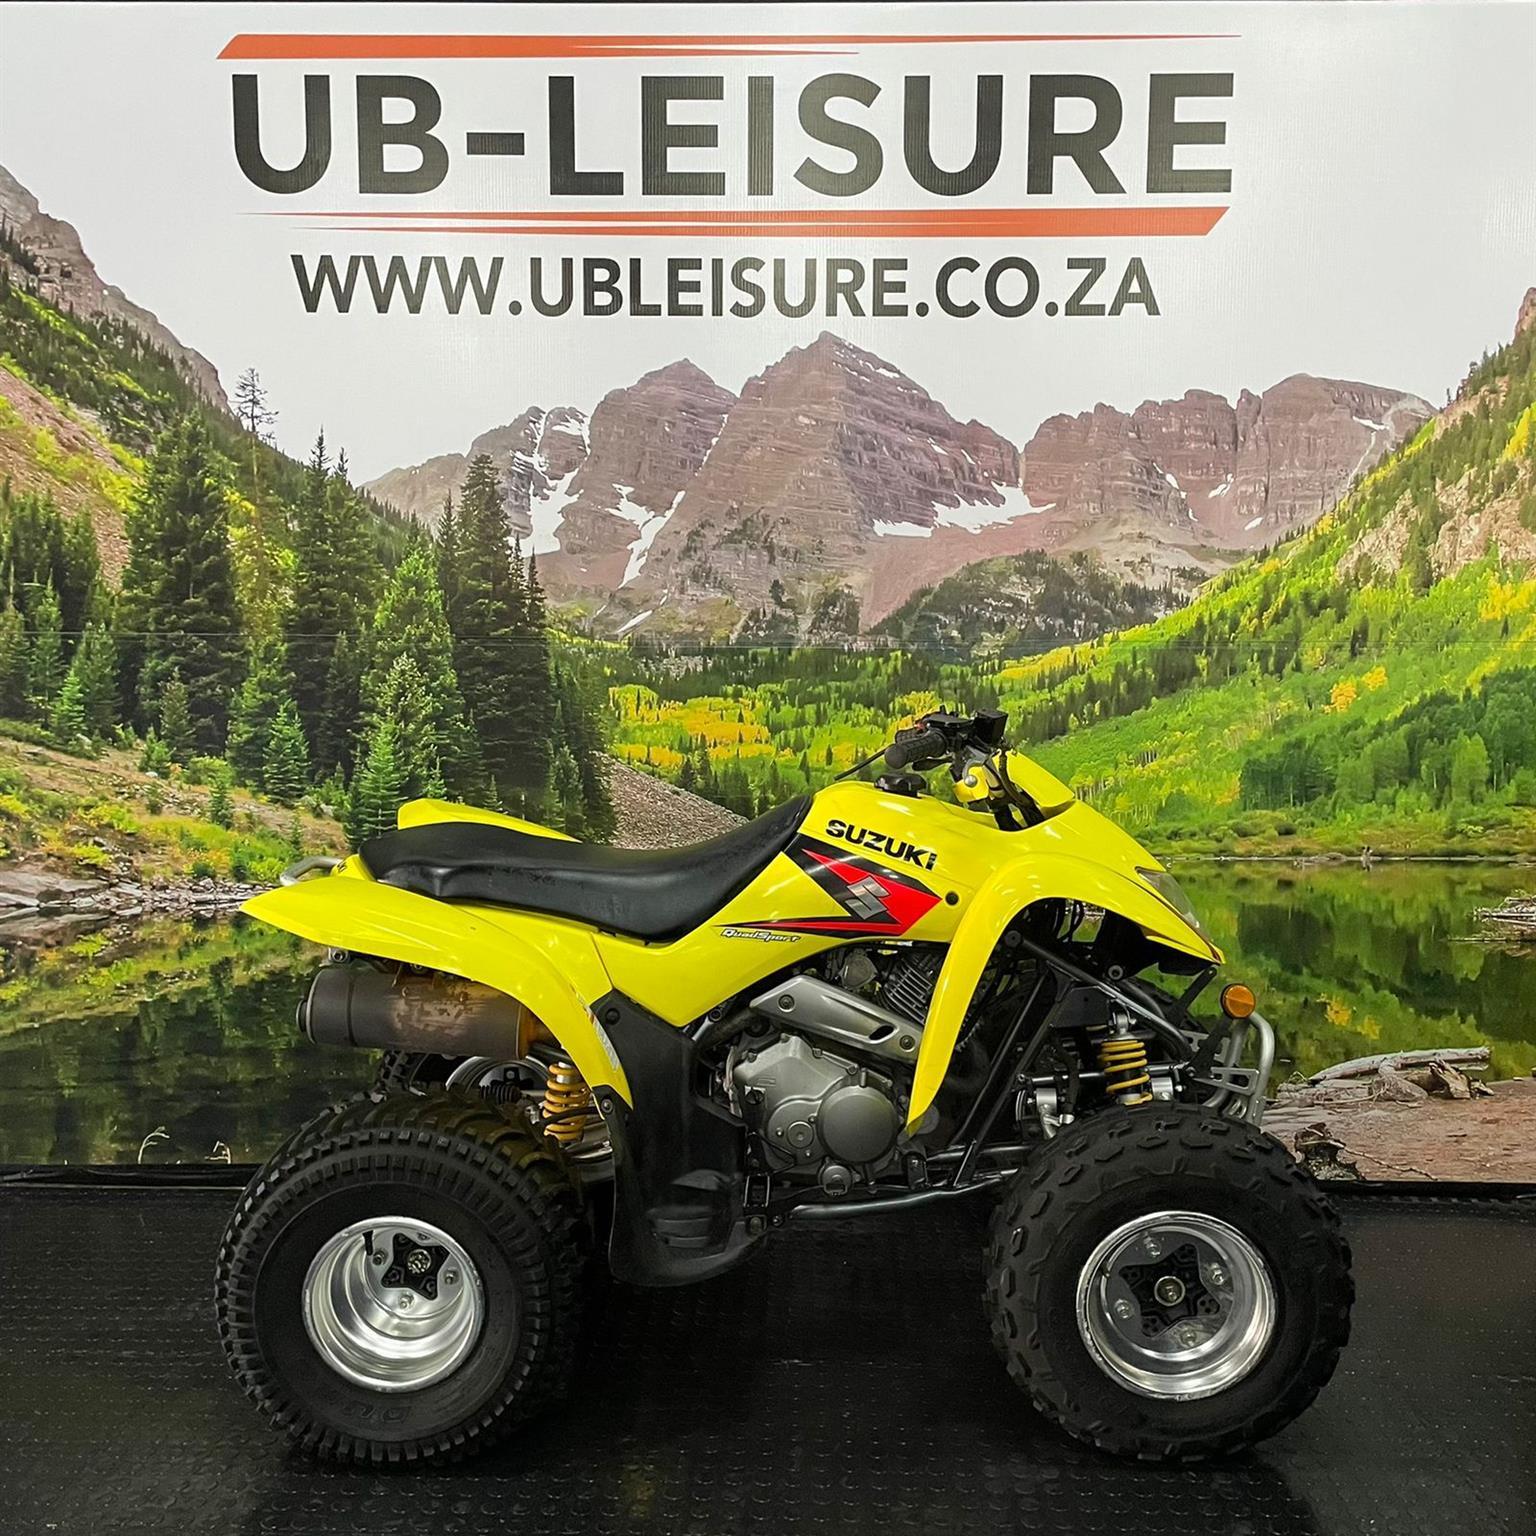 2004 SUZUKI LTZ 250 | UB LEISURE